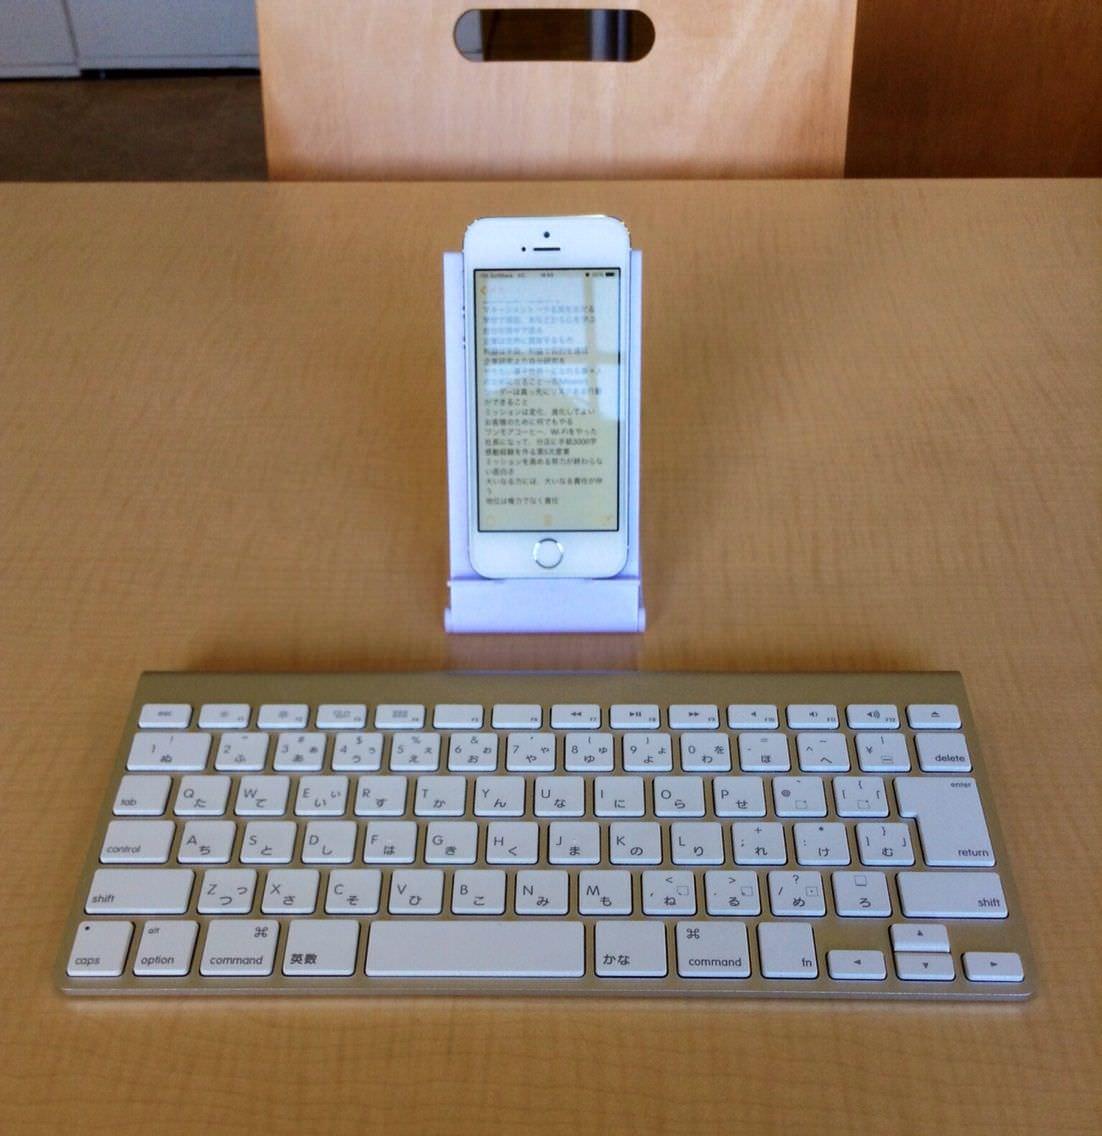 ポストPC時代、キャンパスでもiPhoneが存在感を増している